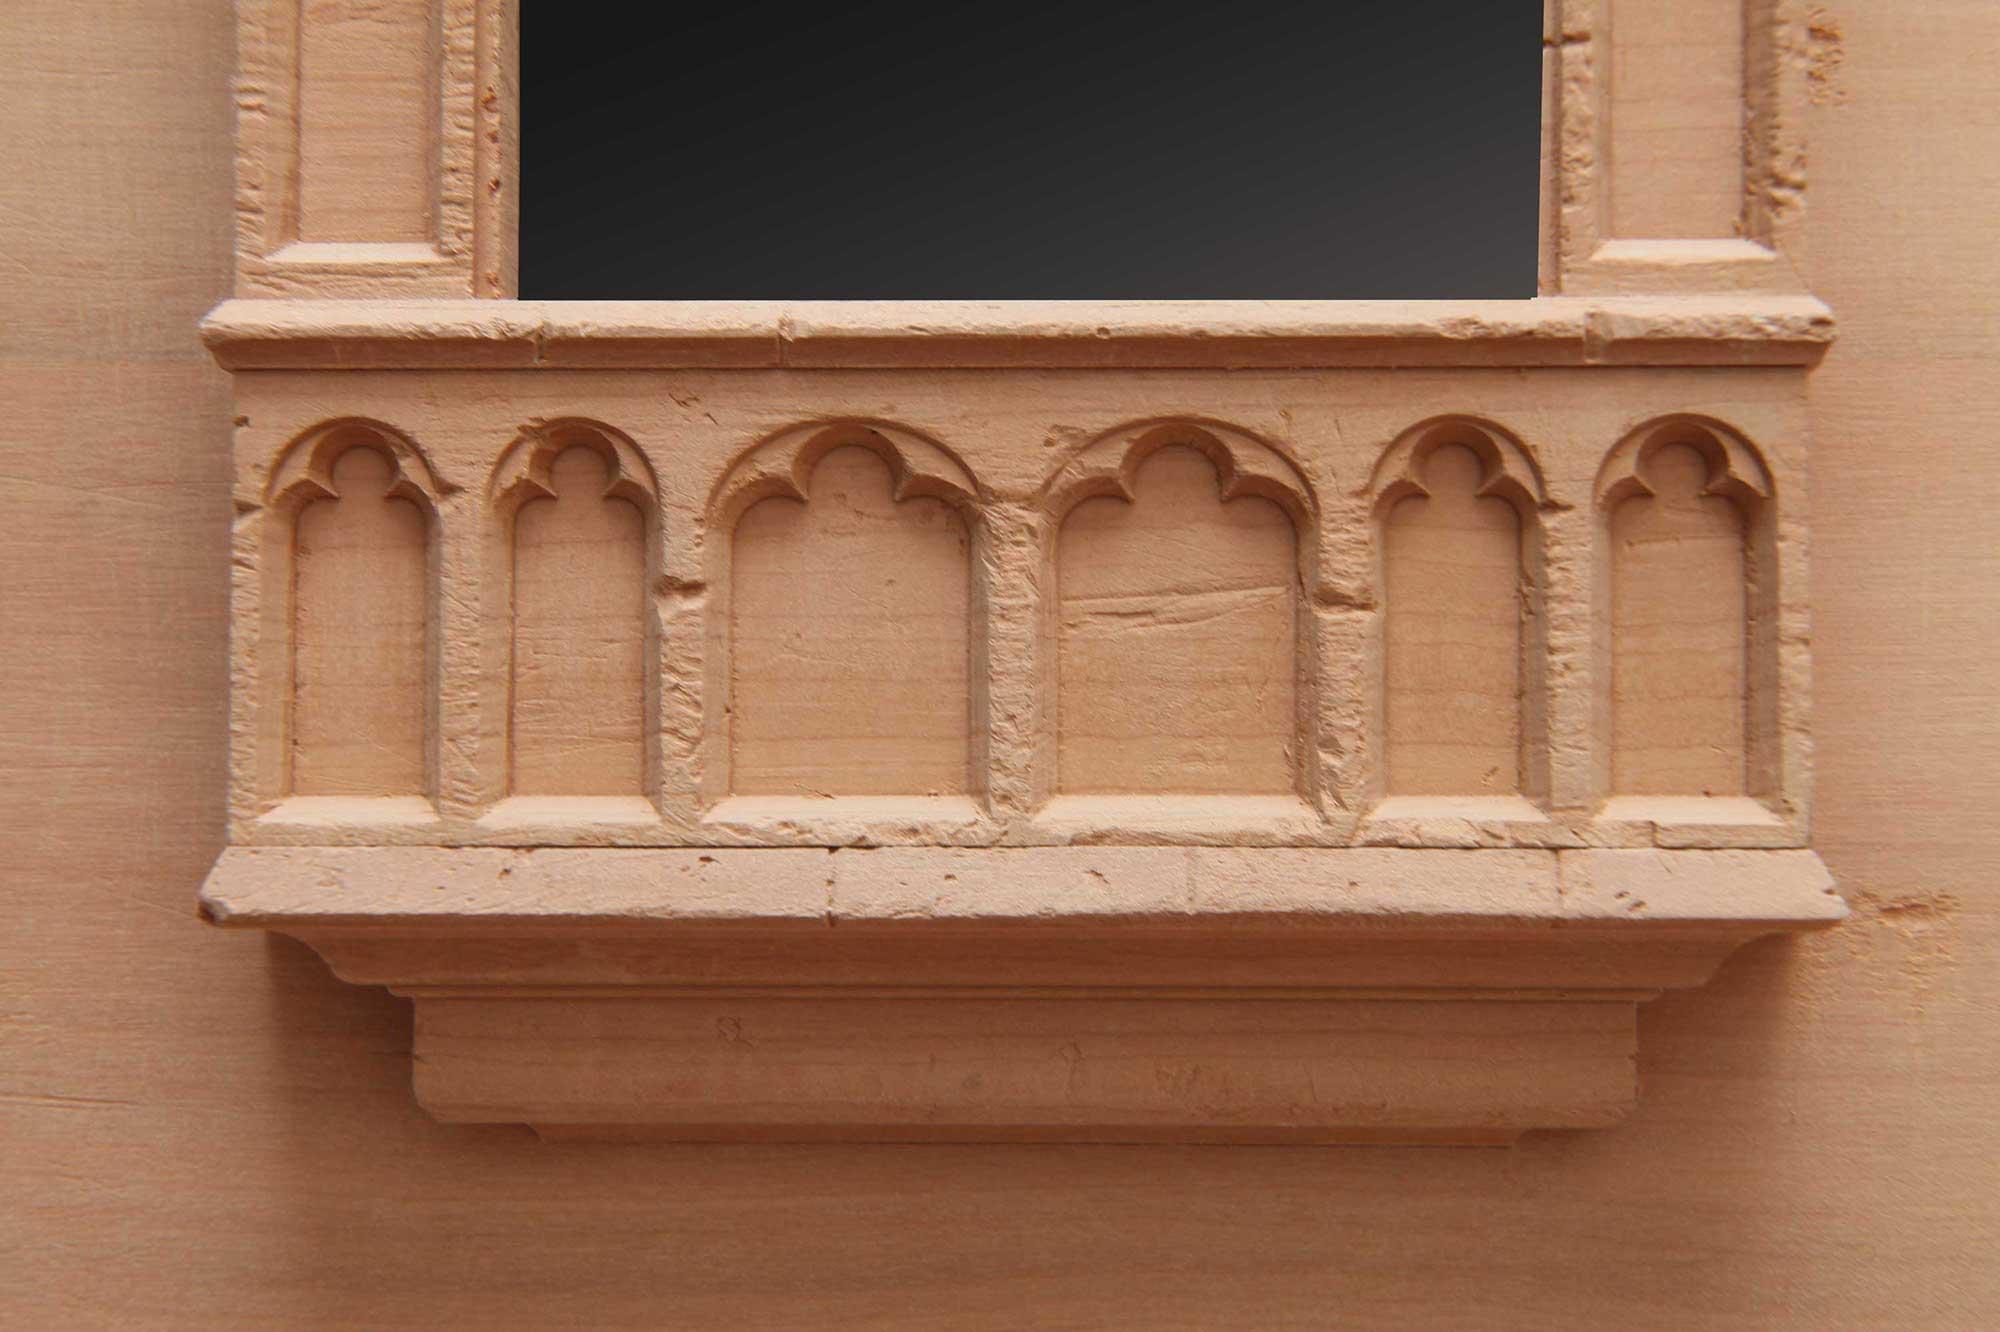 Architekturmodell Modellbau Fassade Burg Cadolzburg um 1945 Detail